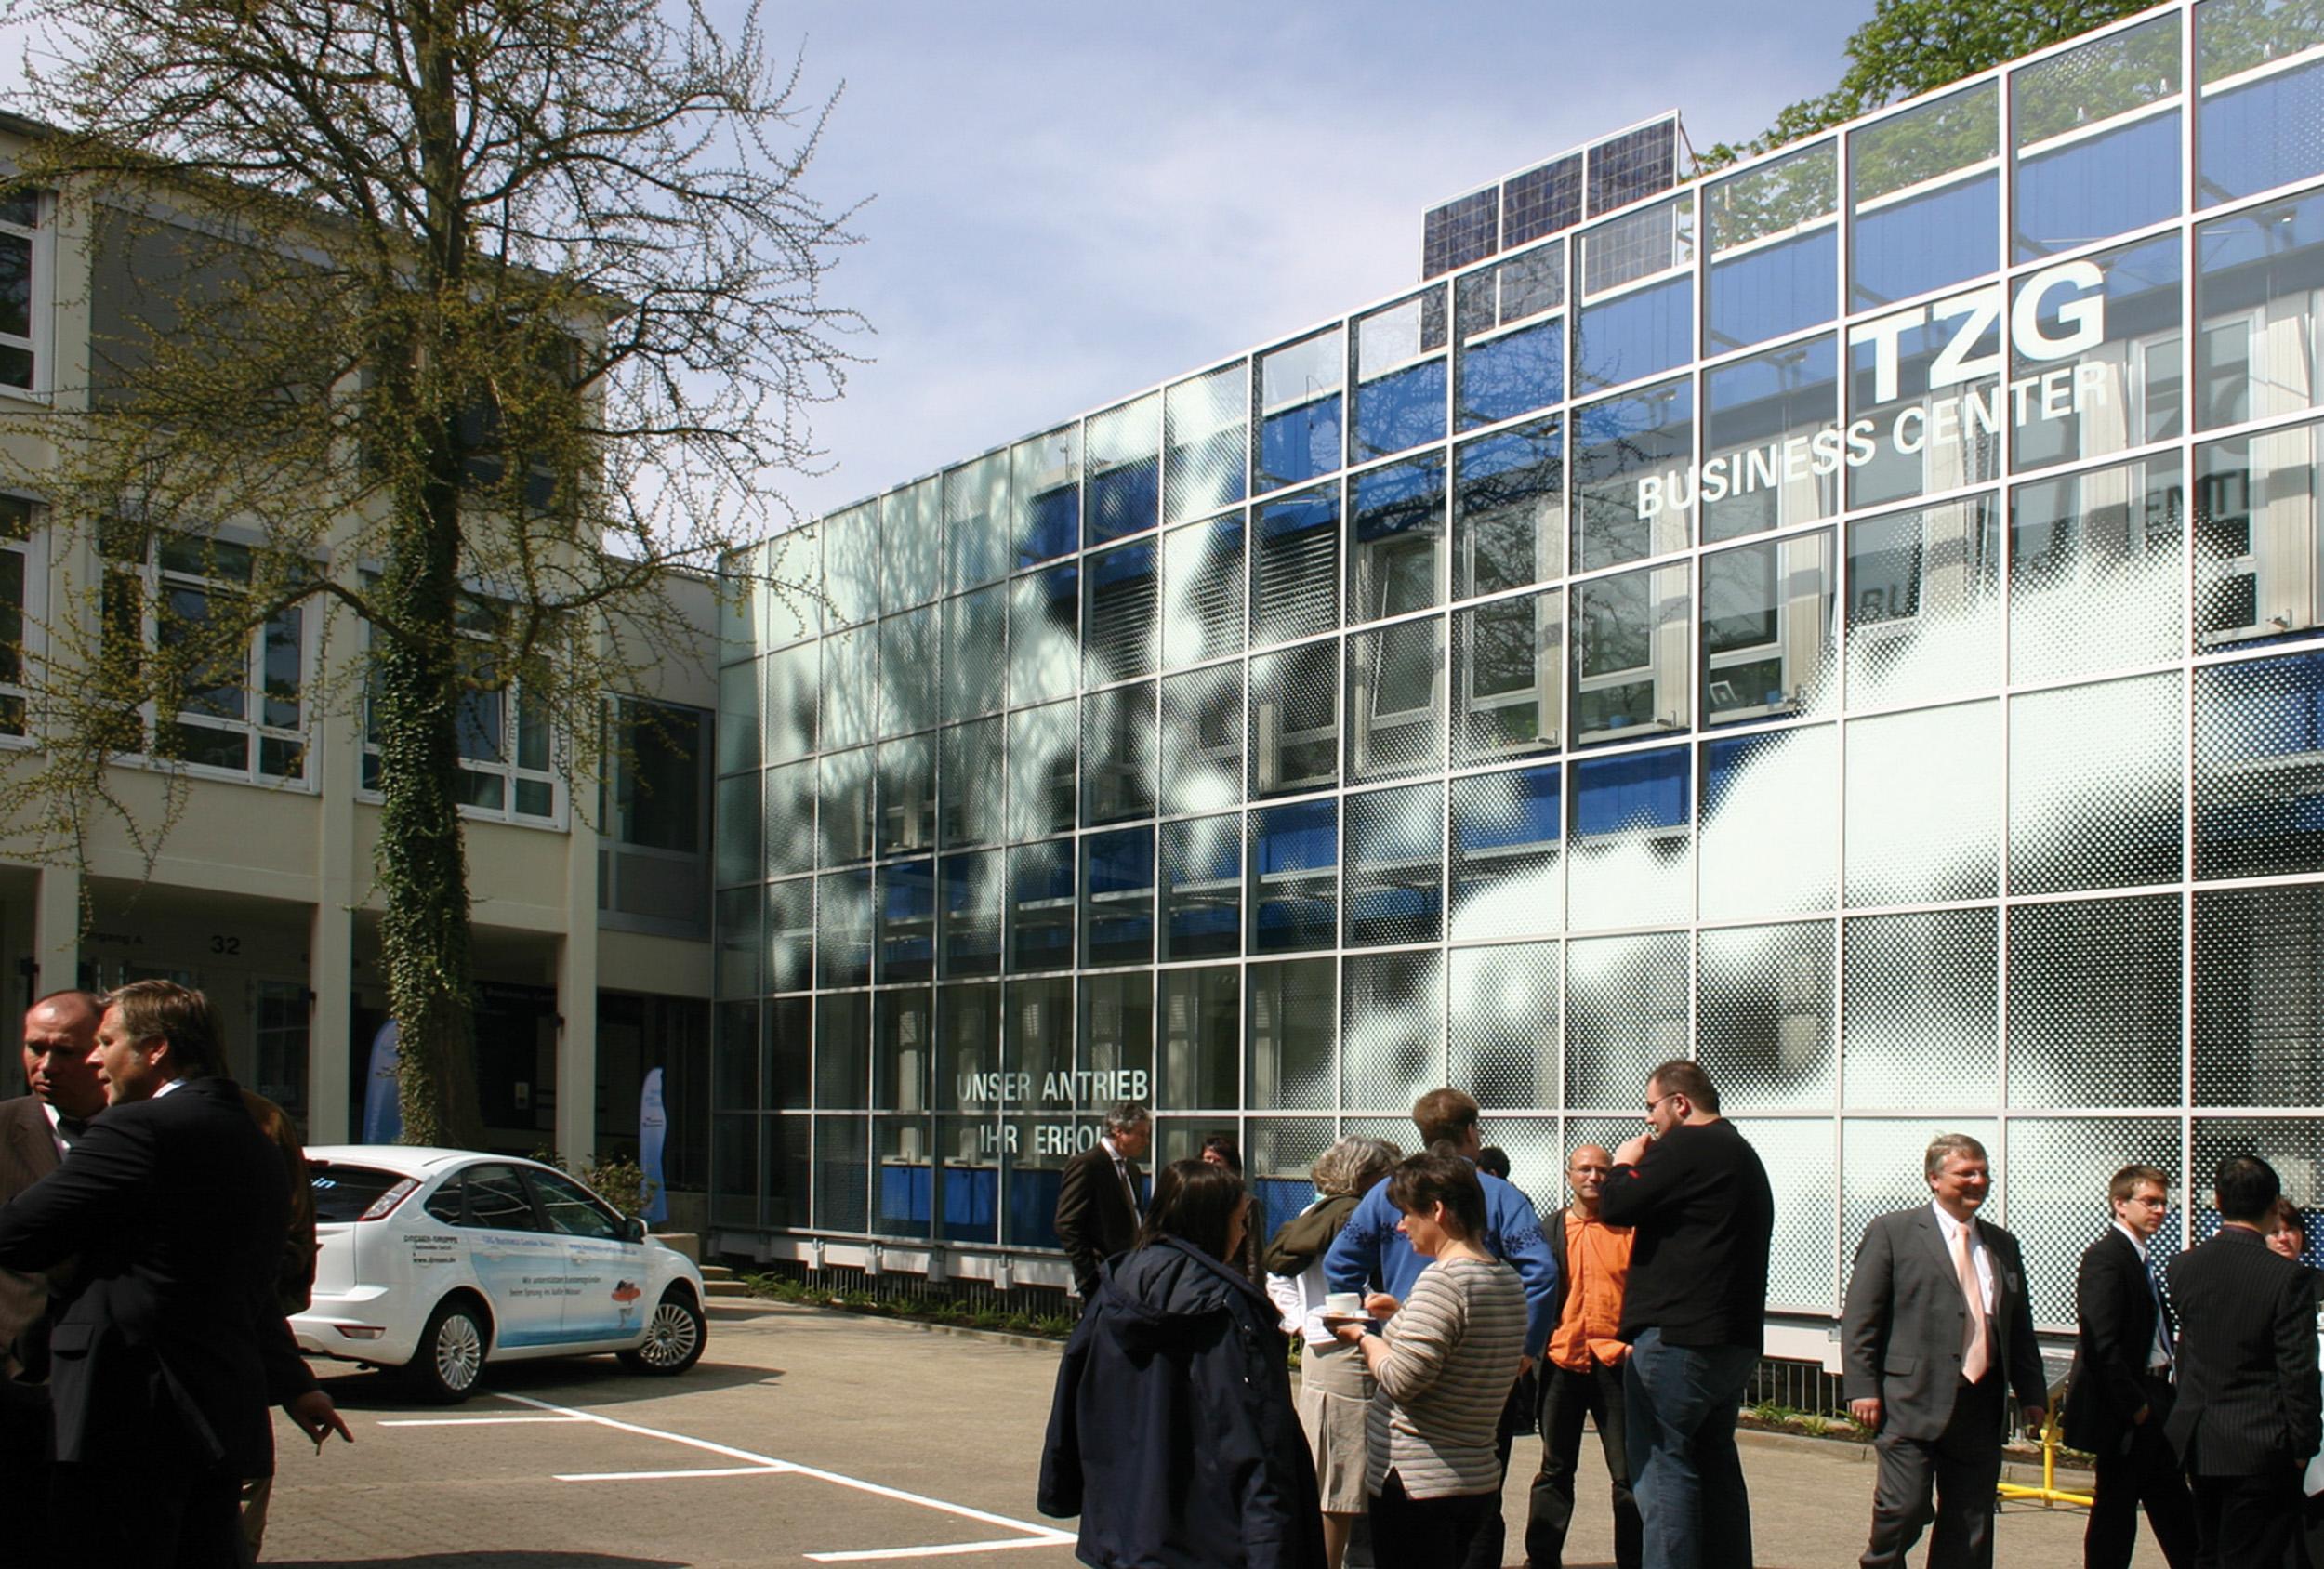 Fassadengestaltung-kein-graffiti-buerogebaude-punkte-rasterbilder-bemalung-auf-glas-neuss.jpg